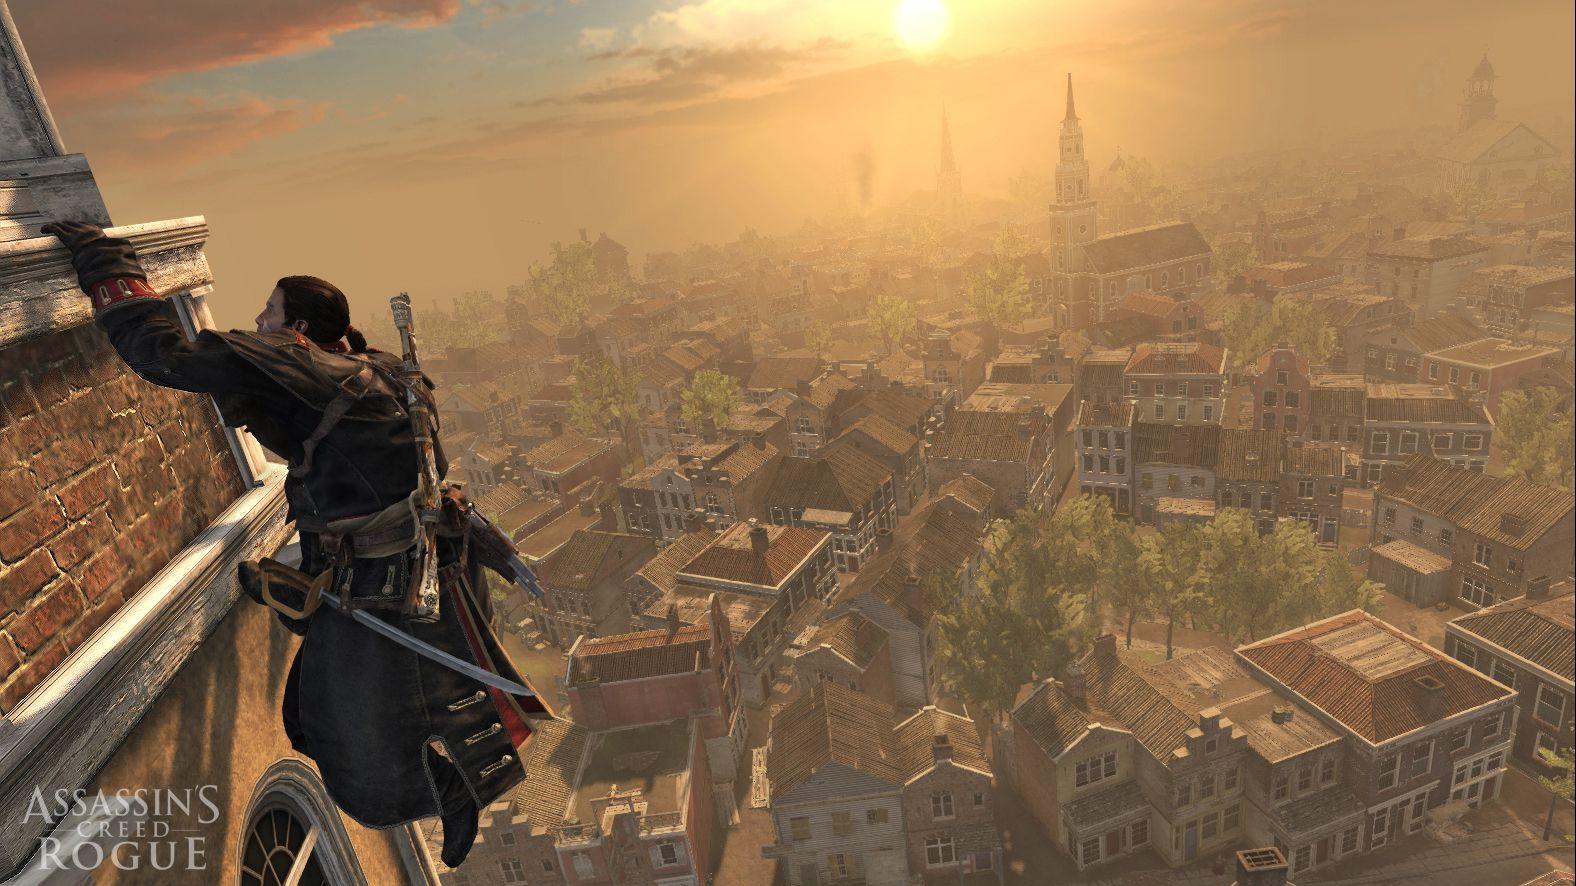 Assassin's Creed Rogue: Als Templer nach New York - Assassin's Creed Rogue (Bild: Ubisoft)